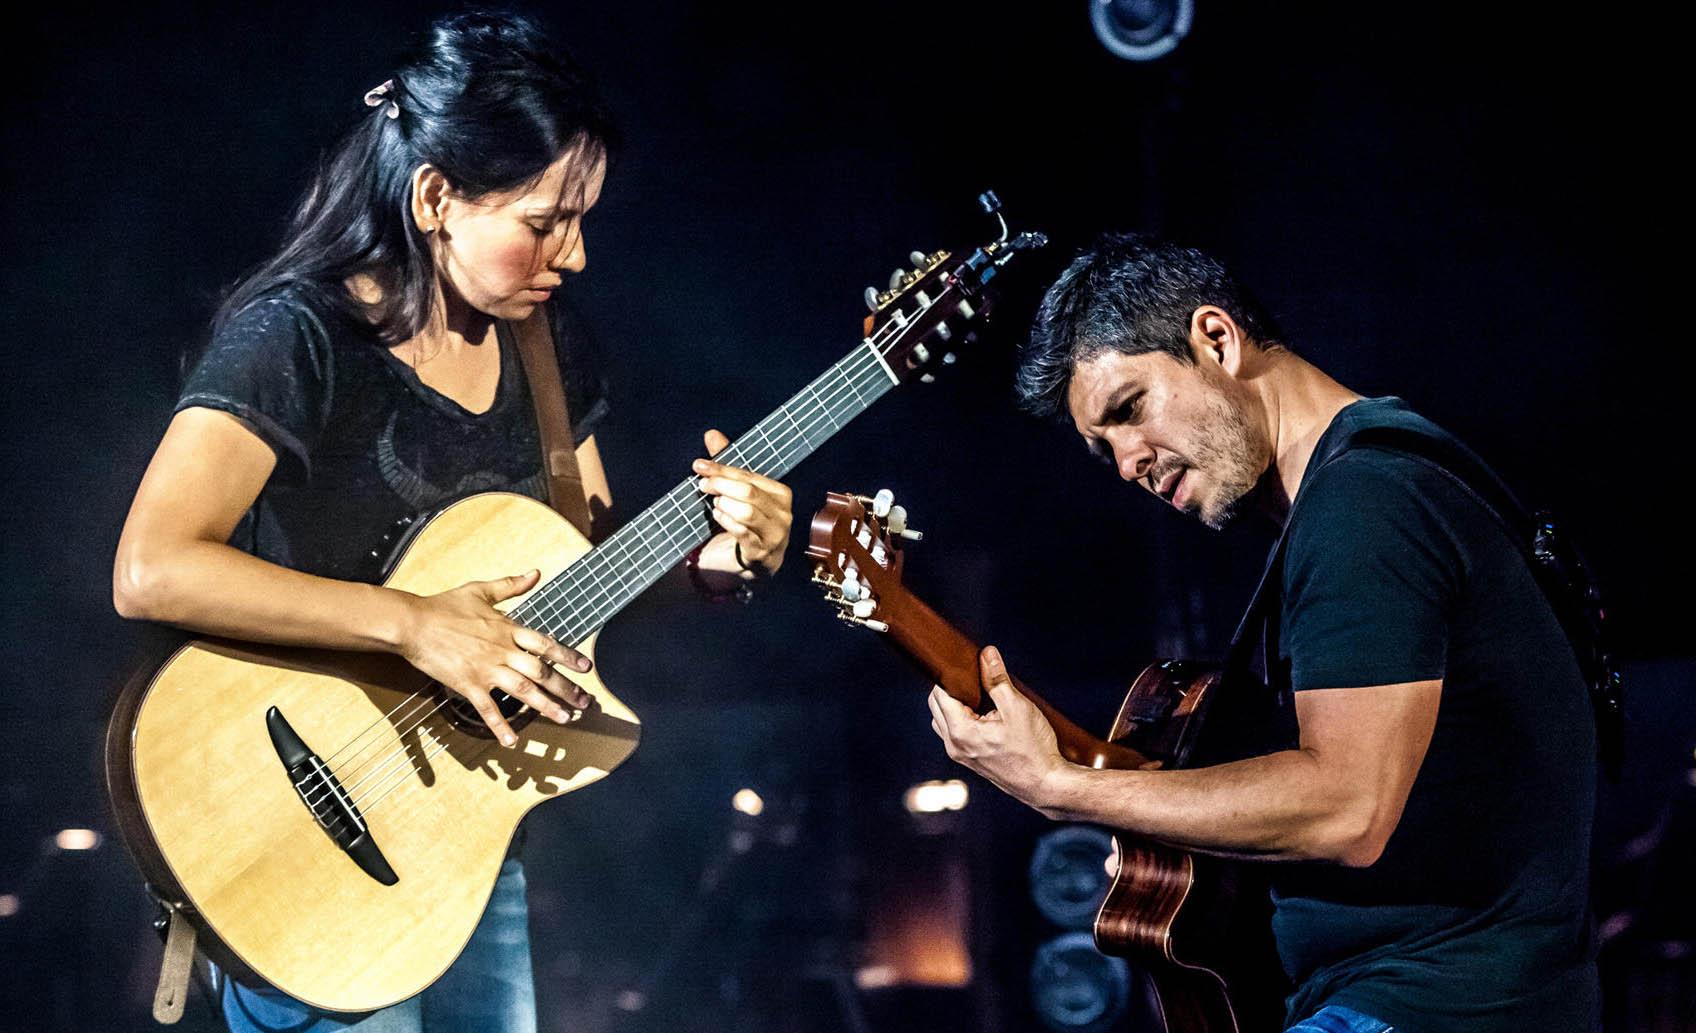 Rodrigo y Gabriela - rodrigo-y-gabriela-happenings